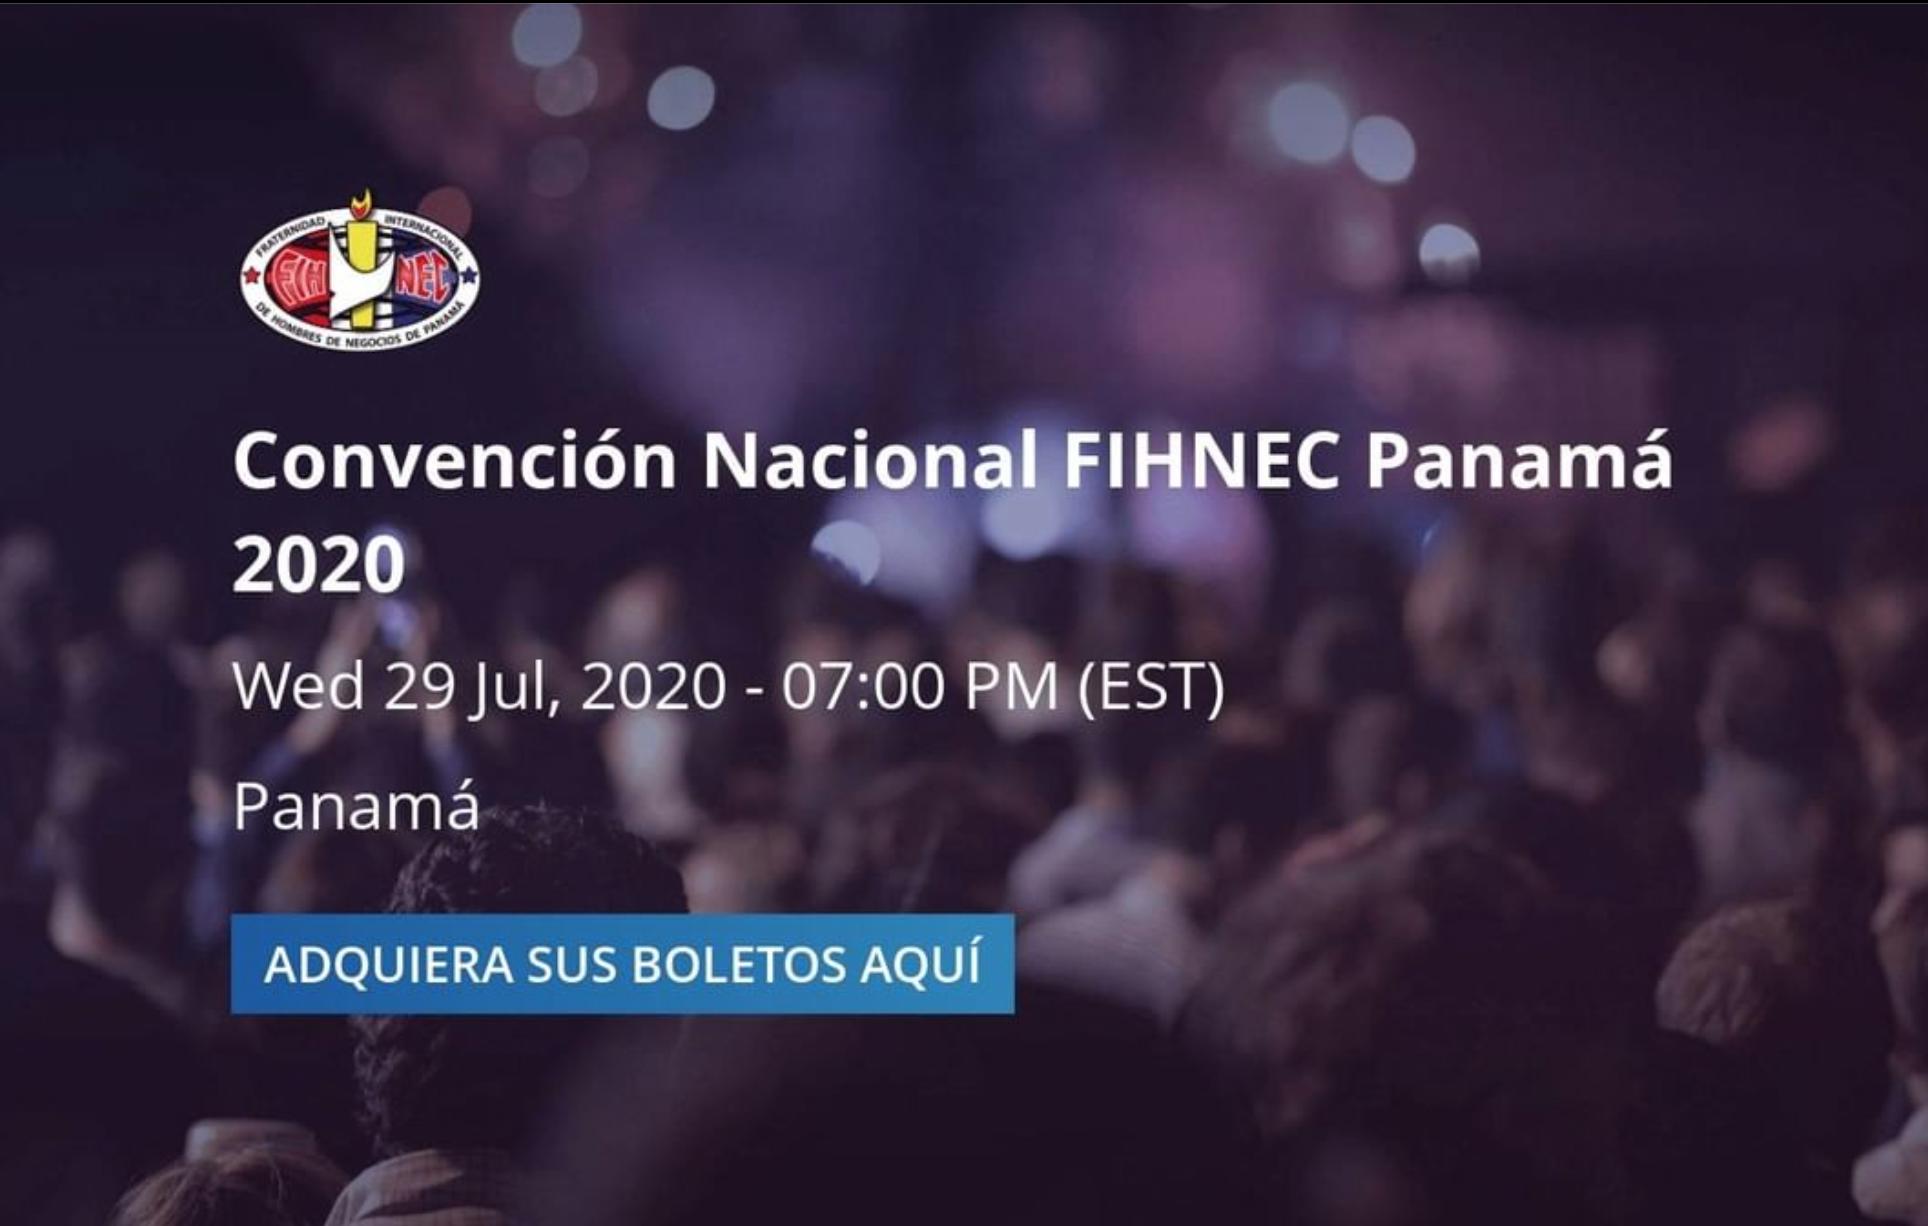 Convención Nacional 2020 - Invitación